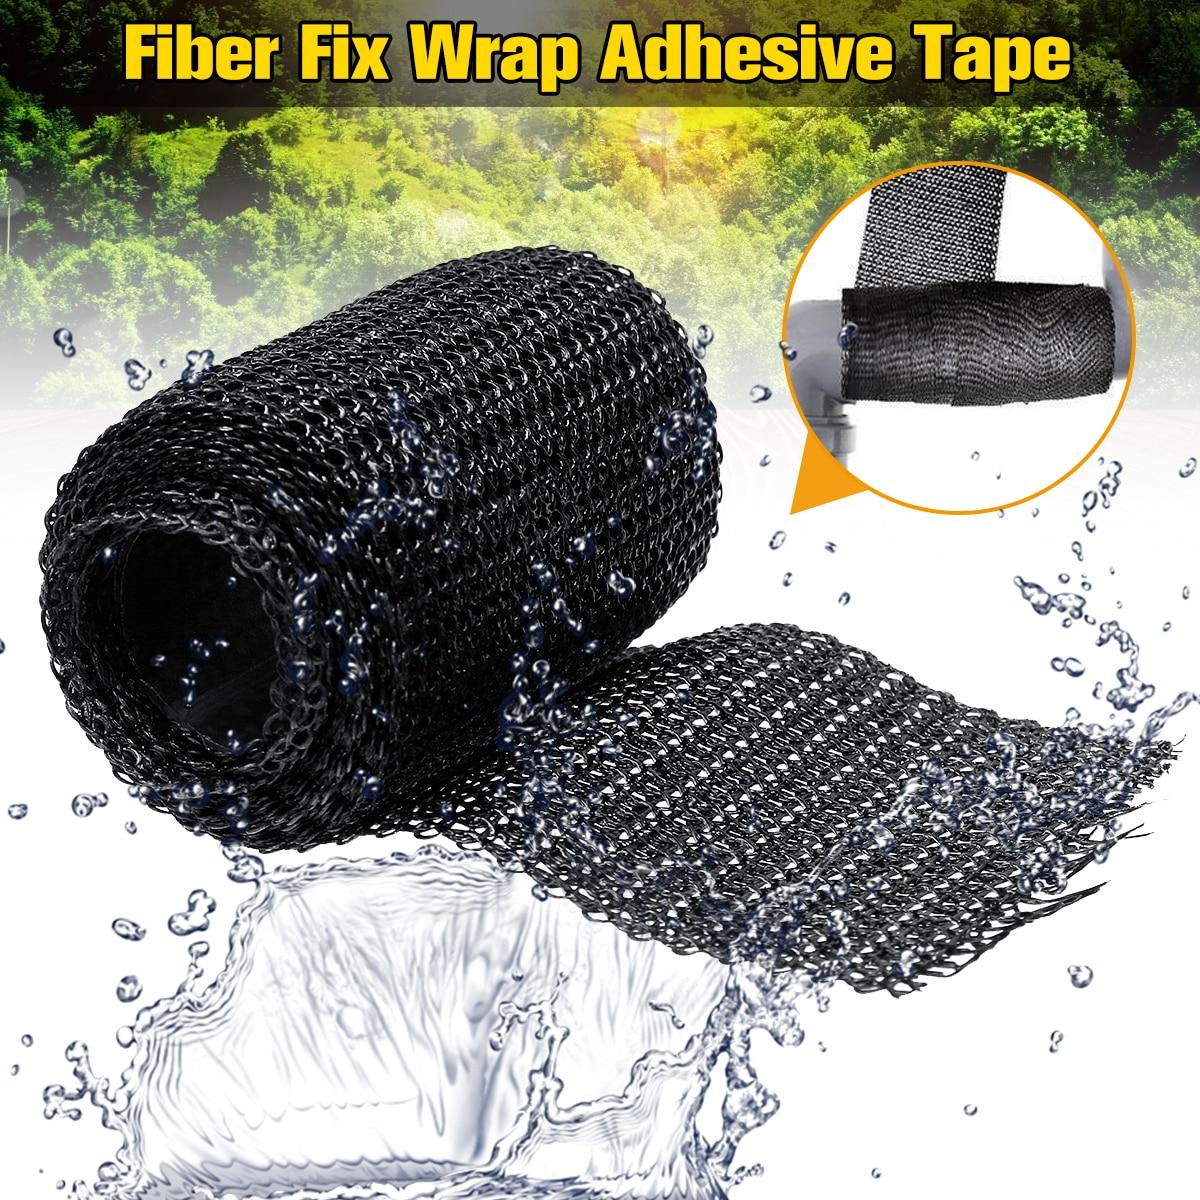 Selladores de cinta adhesiva para envolver fibra DIY para el hogar, herramientas de reparación del hogar adhesivas fuertes negras para reparar el pie de la Mesa de la tubería